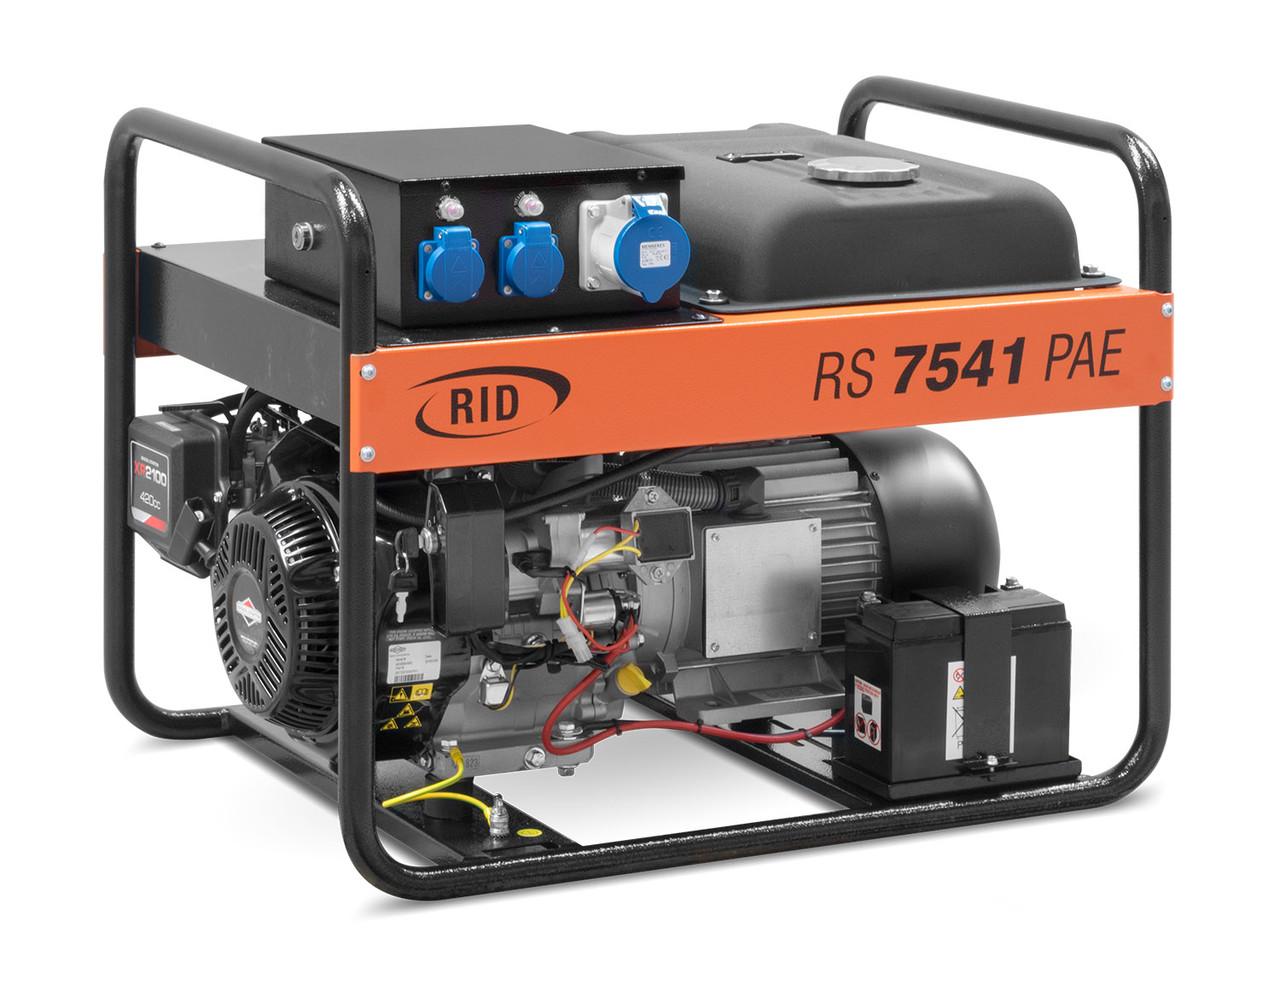 RID RS 7541 PAE